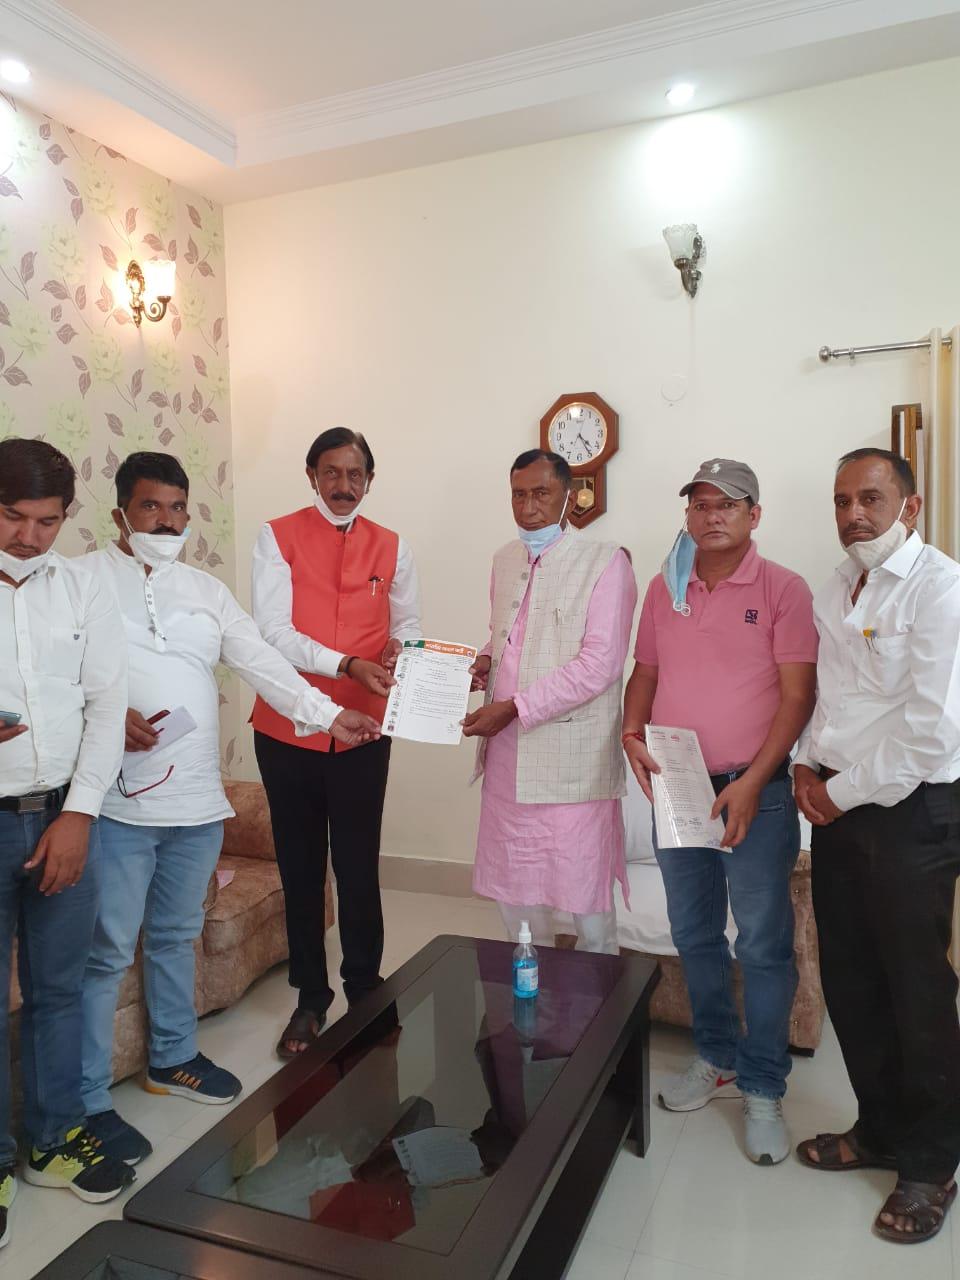 उत्तराखंड : पूर्व मंत्री नारायण सिंह राणा ने लिखा लेटर मुख्य मंत्री तीरथ सिंह रावत को जौनपुर टिहरी गढ़वाल को कांडी पम्पिंग योजना की स्वीकृति के लिए